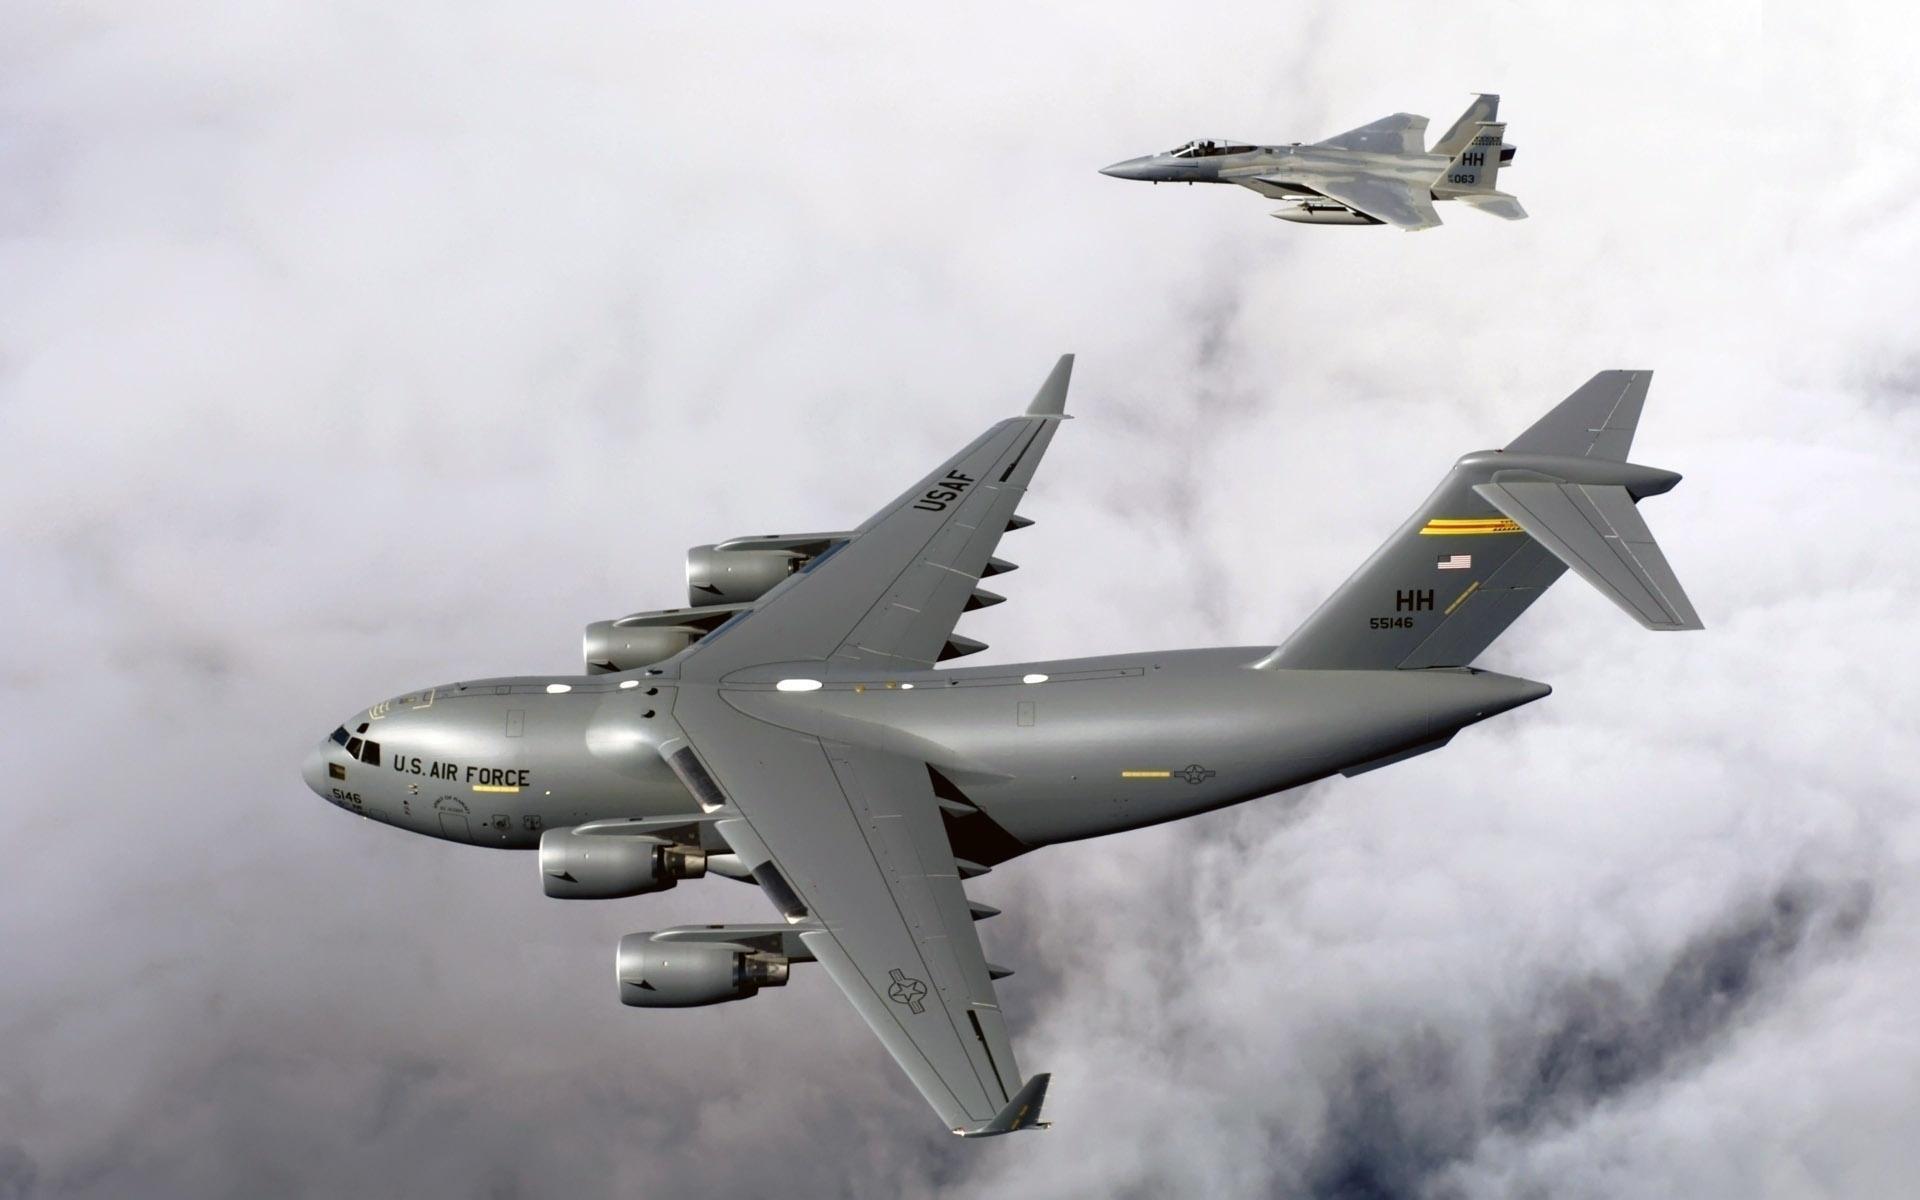 Boeing C-17 Globemaster III wallpapers HD quality